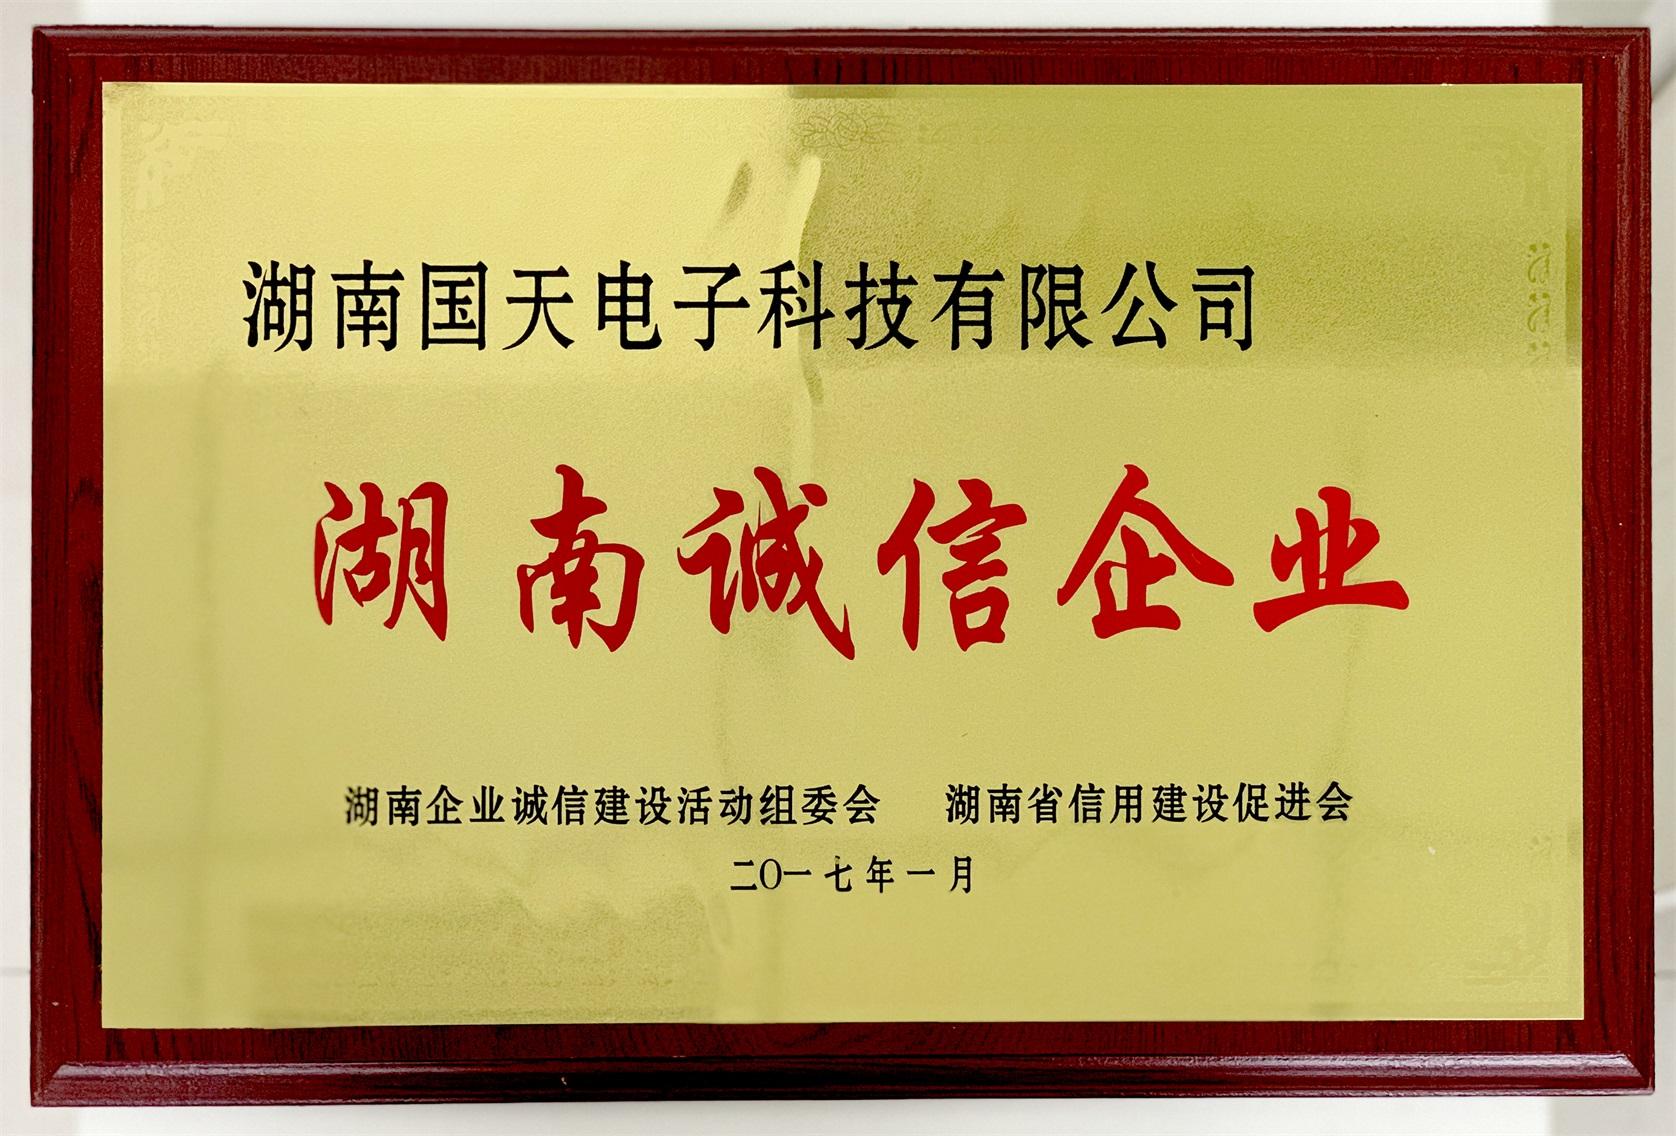 湖南誠信企業